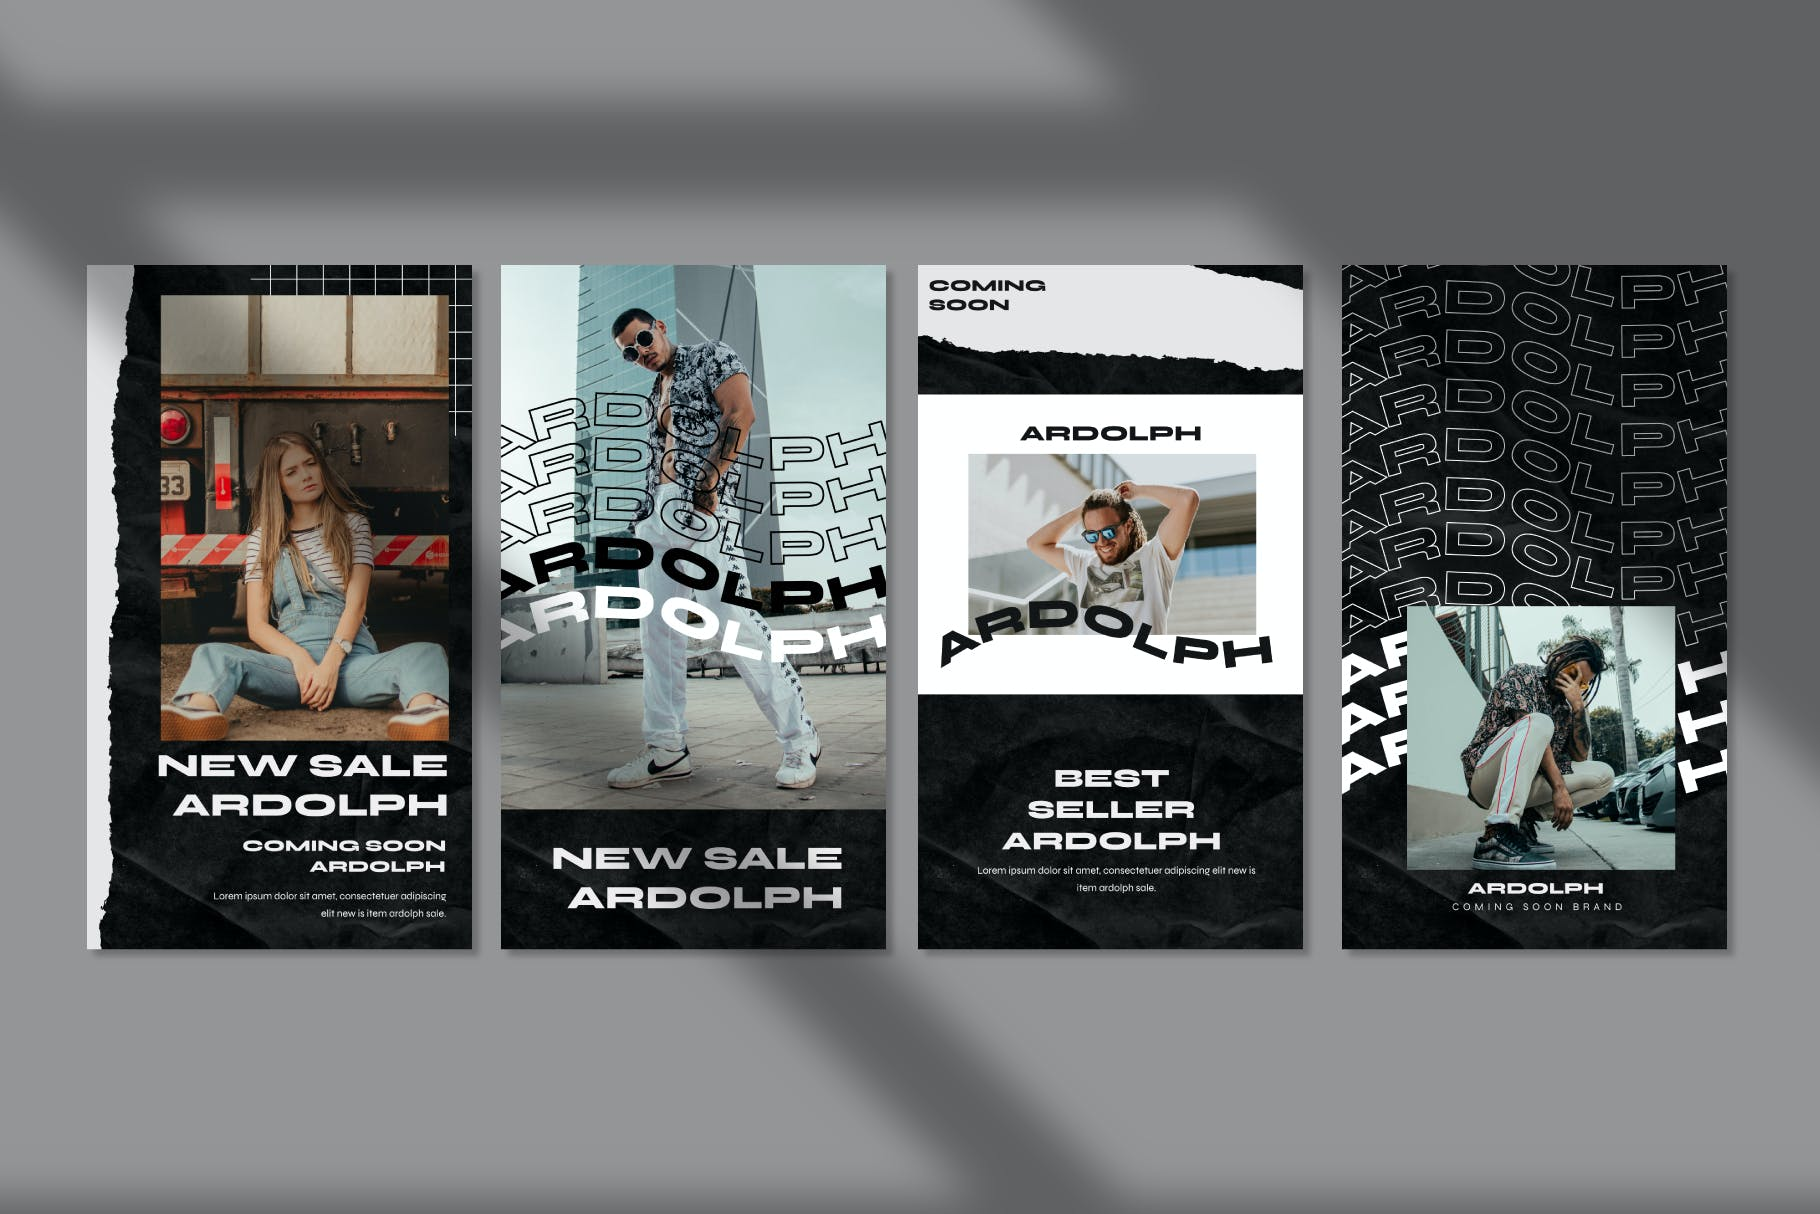 时尚撕纸效果街头潮牌品牌推广新媒体海报设计PSD模板 Ardolph – Instagram Post and Stories插图(9)